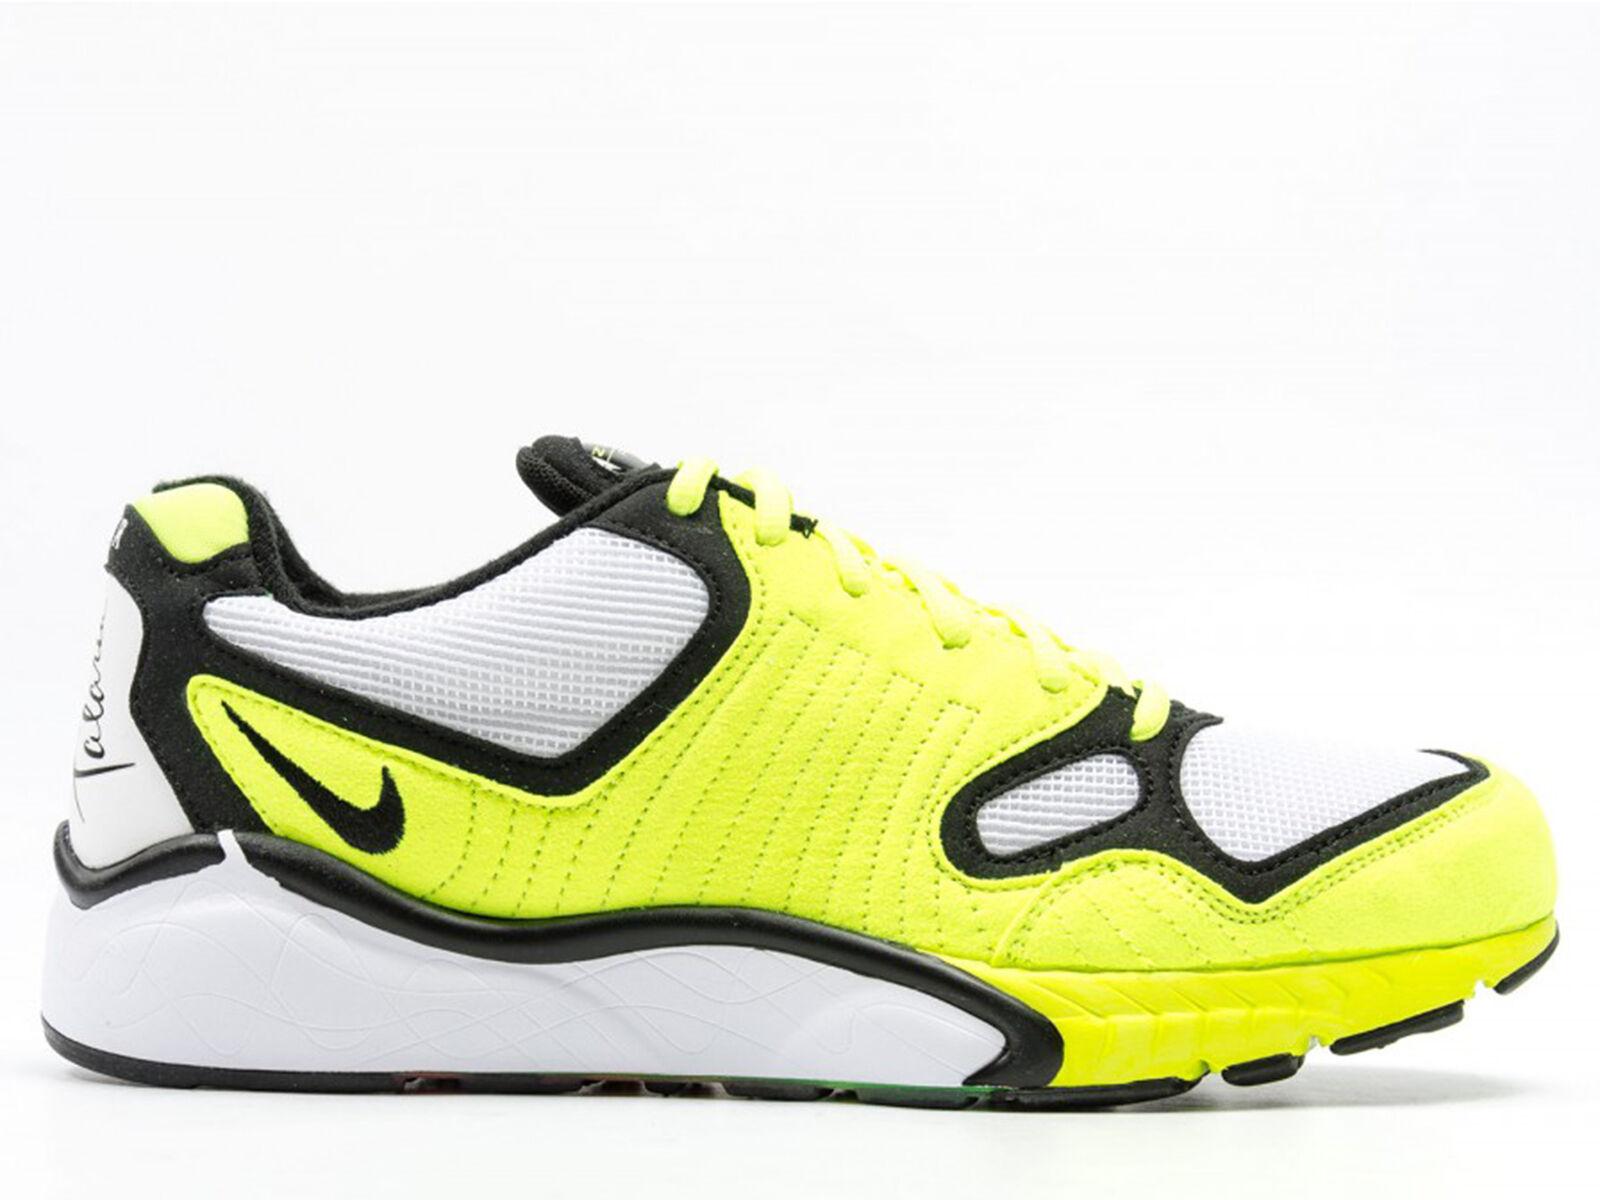 Brand new nike air zoom talaria 16 uomini 'atletico moda scarpe da ginnastica [844695 100]